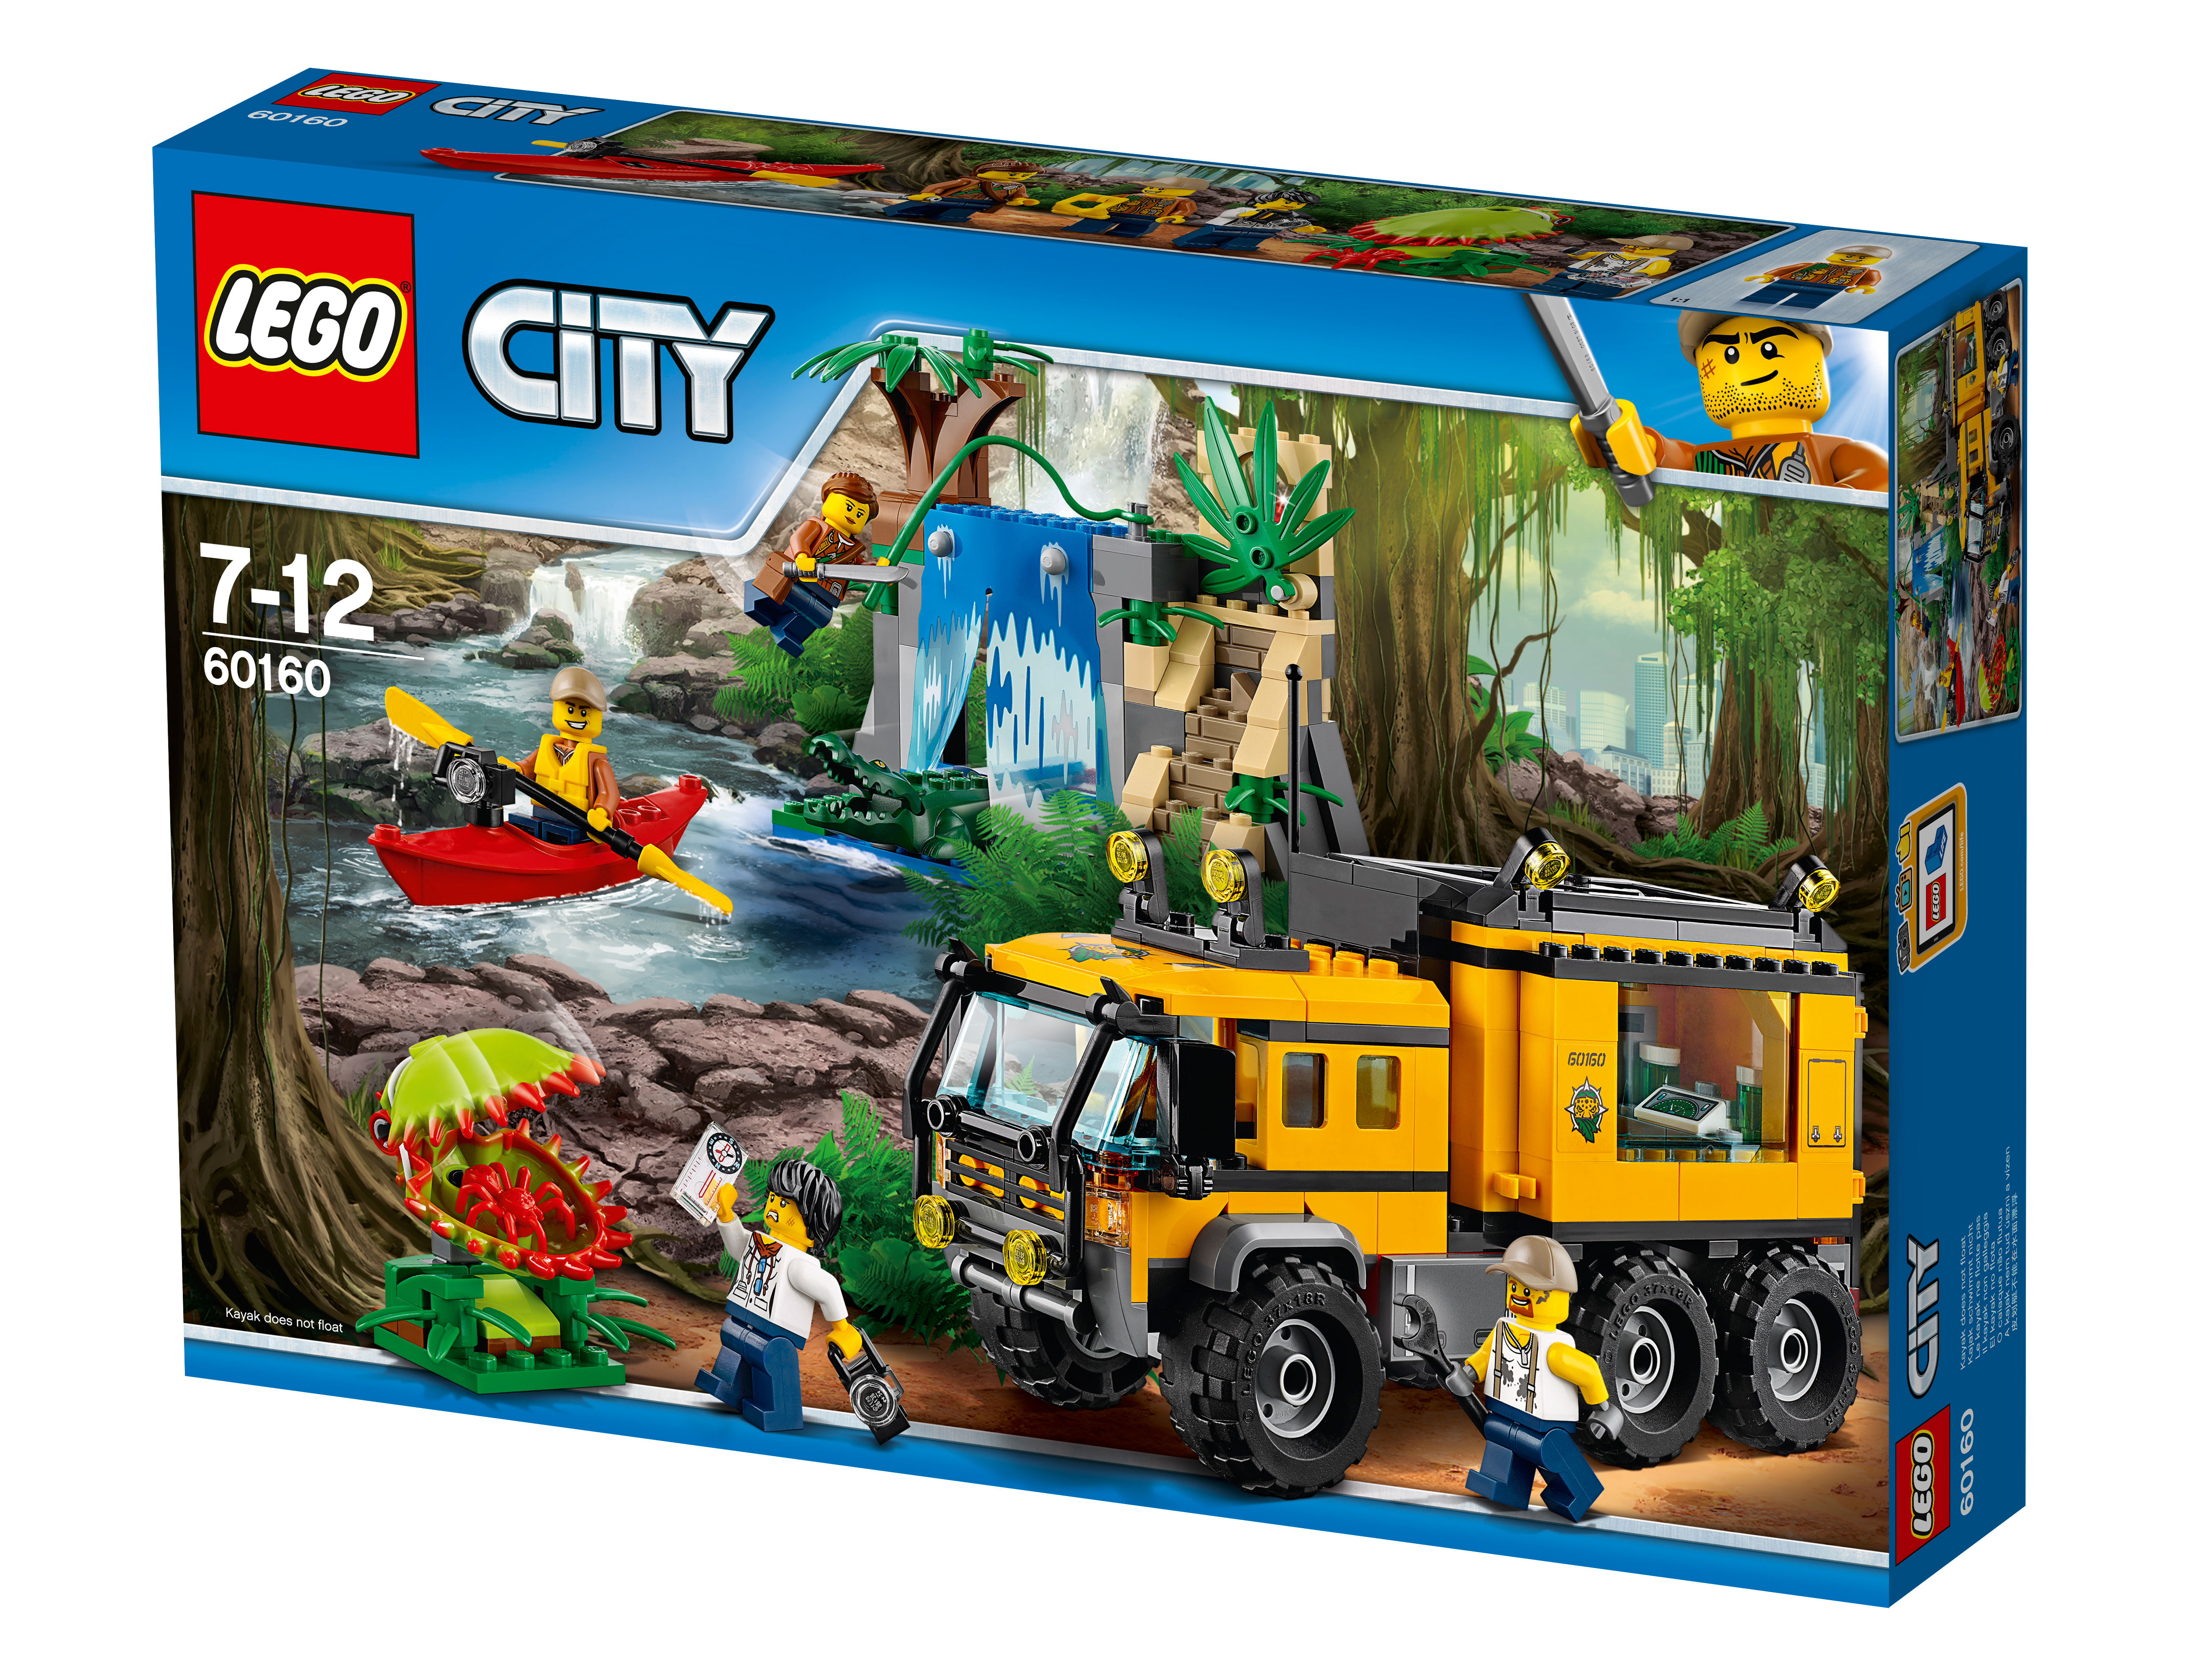 Передвижная лаборатория в джунгляхУкомплектуй Передвижную лабораторию в джунглях необходимым оборудованием и направляйся к затерянному водопаду! Помоги механику отремонтировать грузовик, пока учёный исследует территорию. Опасайся крокодилов в воде и найди в храме что-то по-настоящему потрясающее. В джунглях LEGO® City всегда интересно!<br>